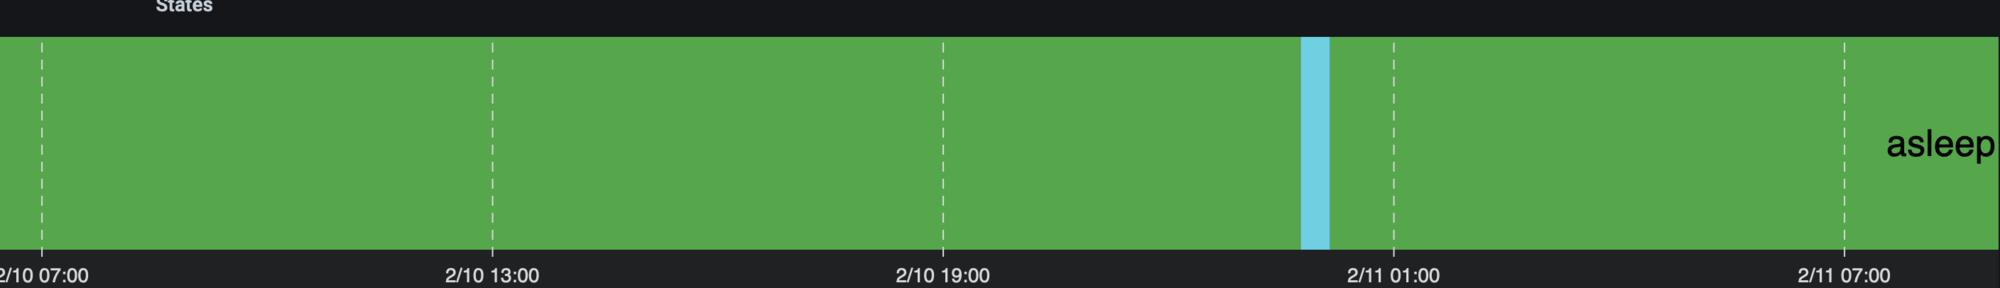 Screenshot 2021-02-11 at 09.03.39.png